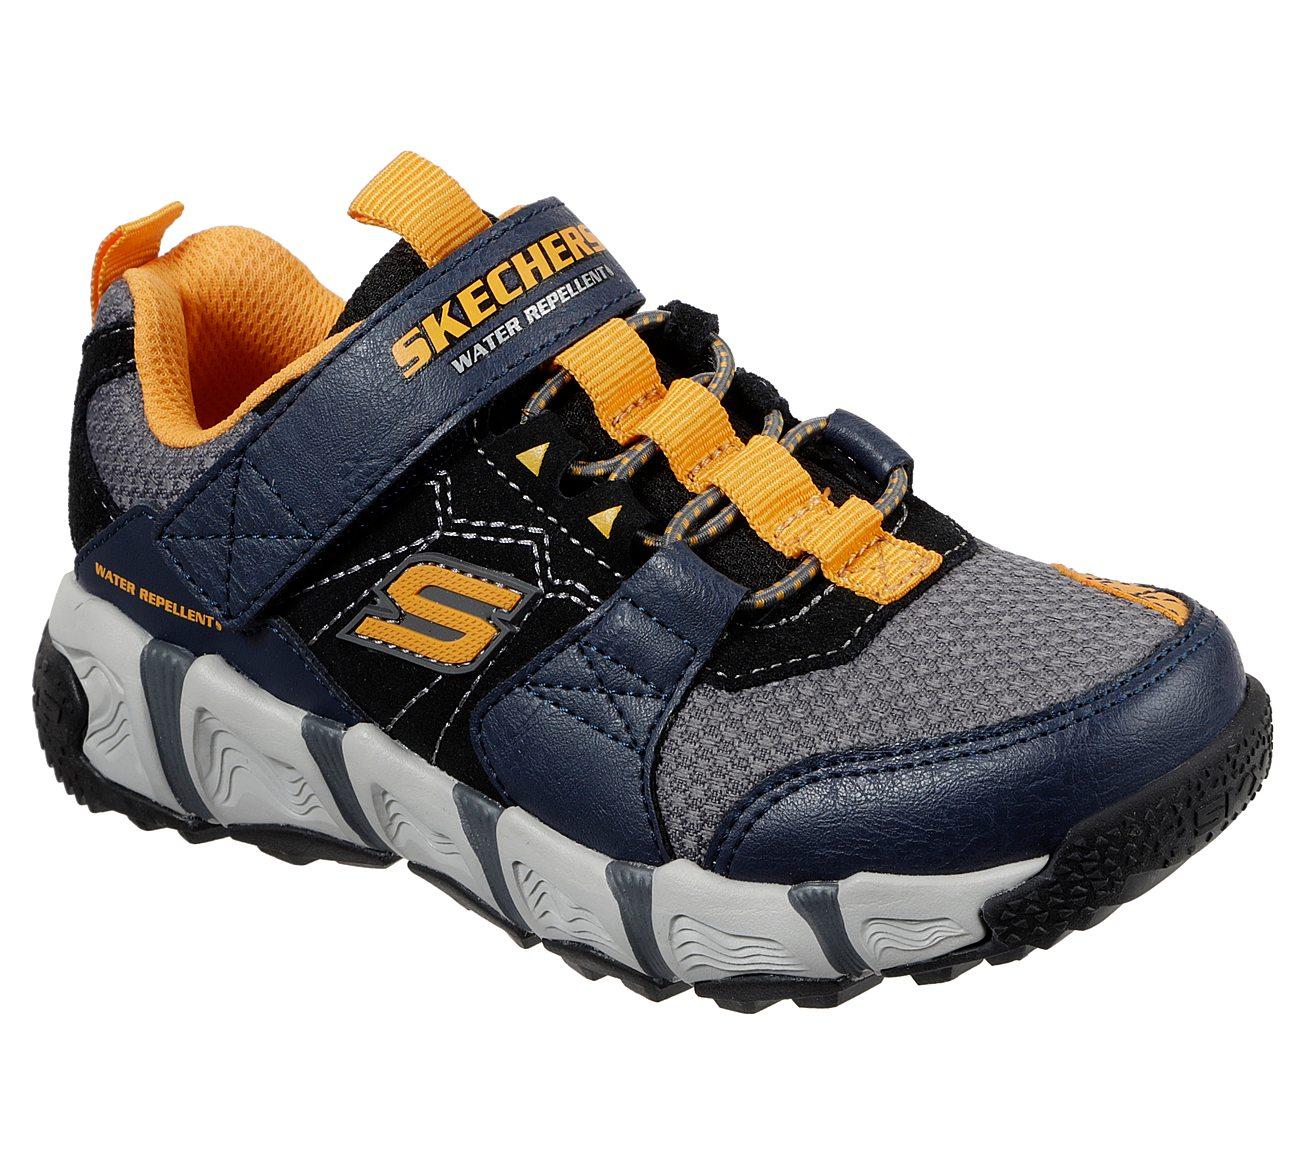 Buy SKECHERS Velocitrek Sport Shoes